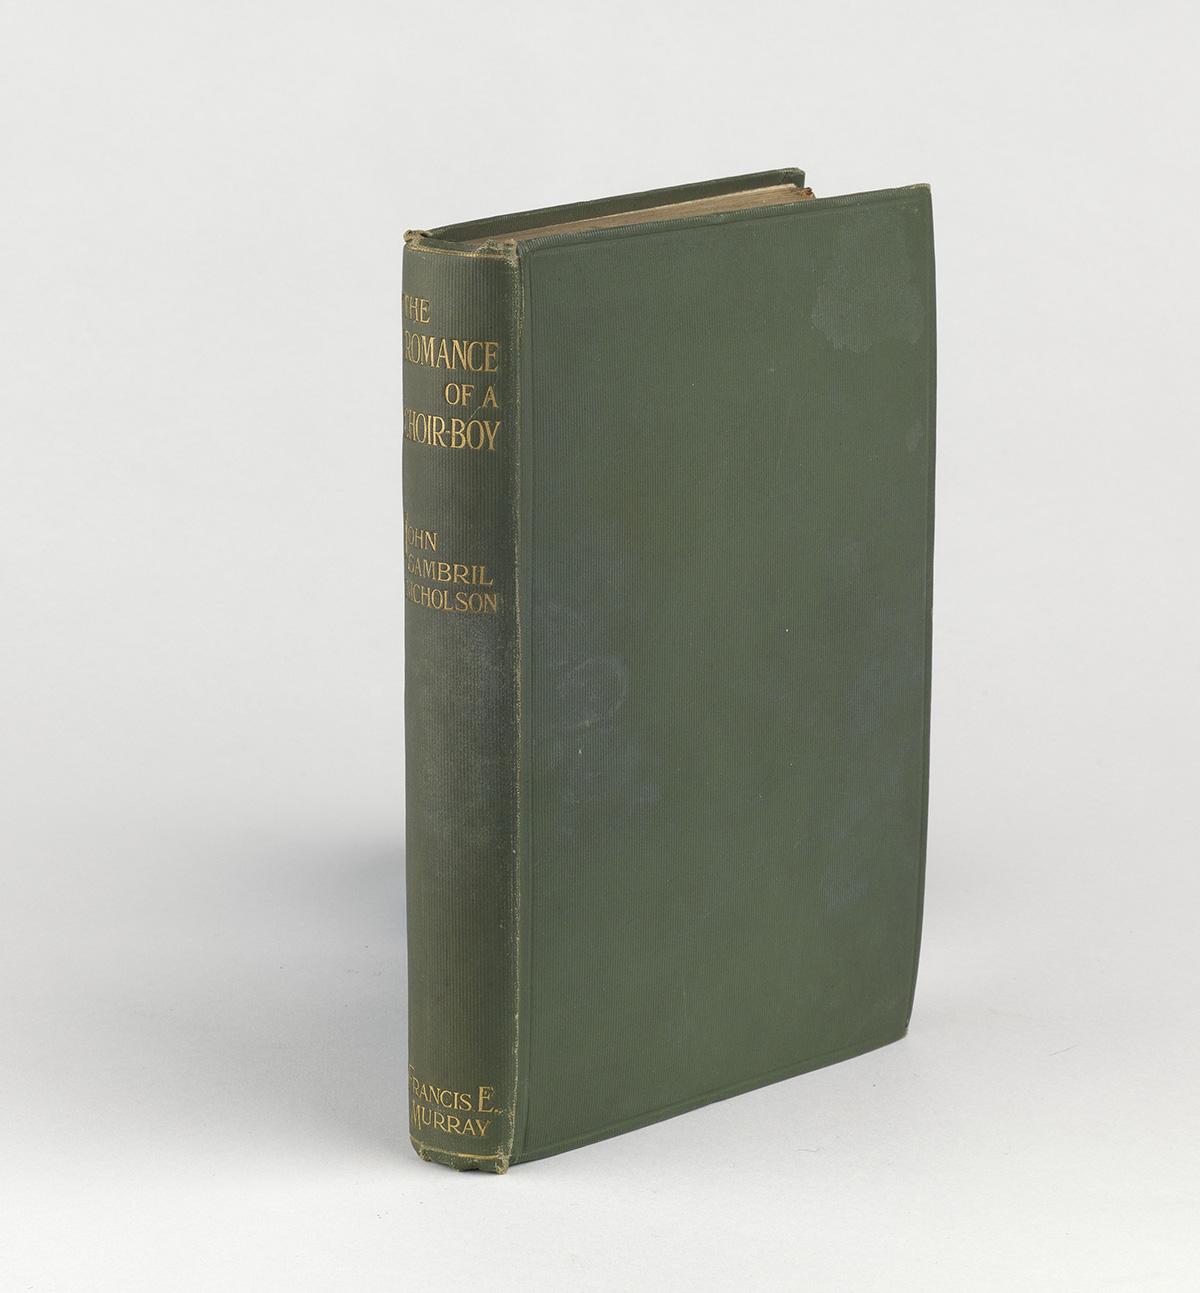 JOHN-GAMBRIL-NICHOLSON-(1866-1931)--The-Romance-of-a-Choir-B